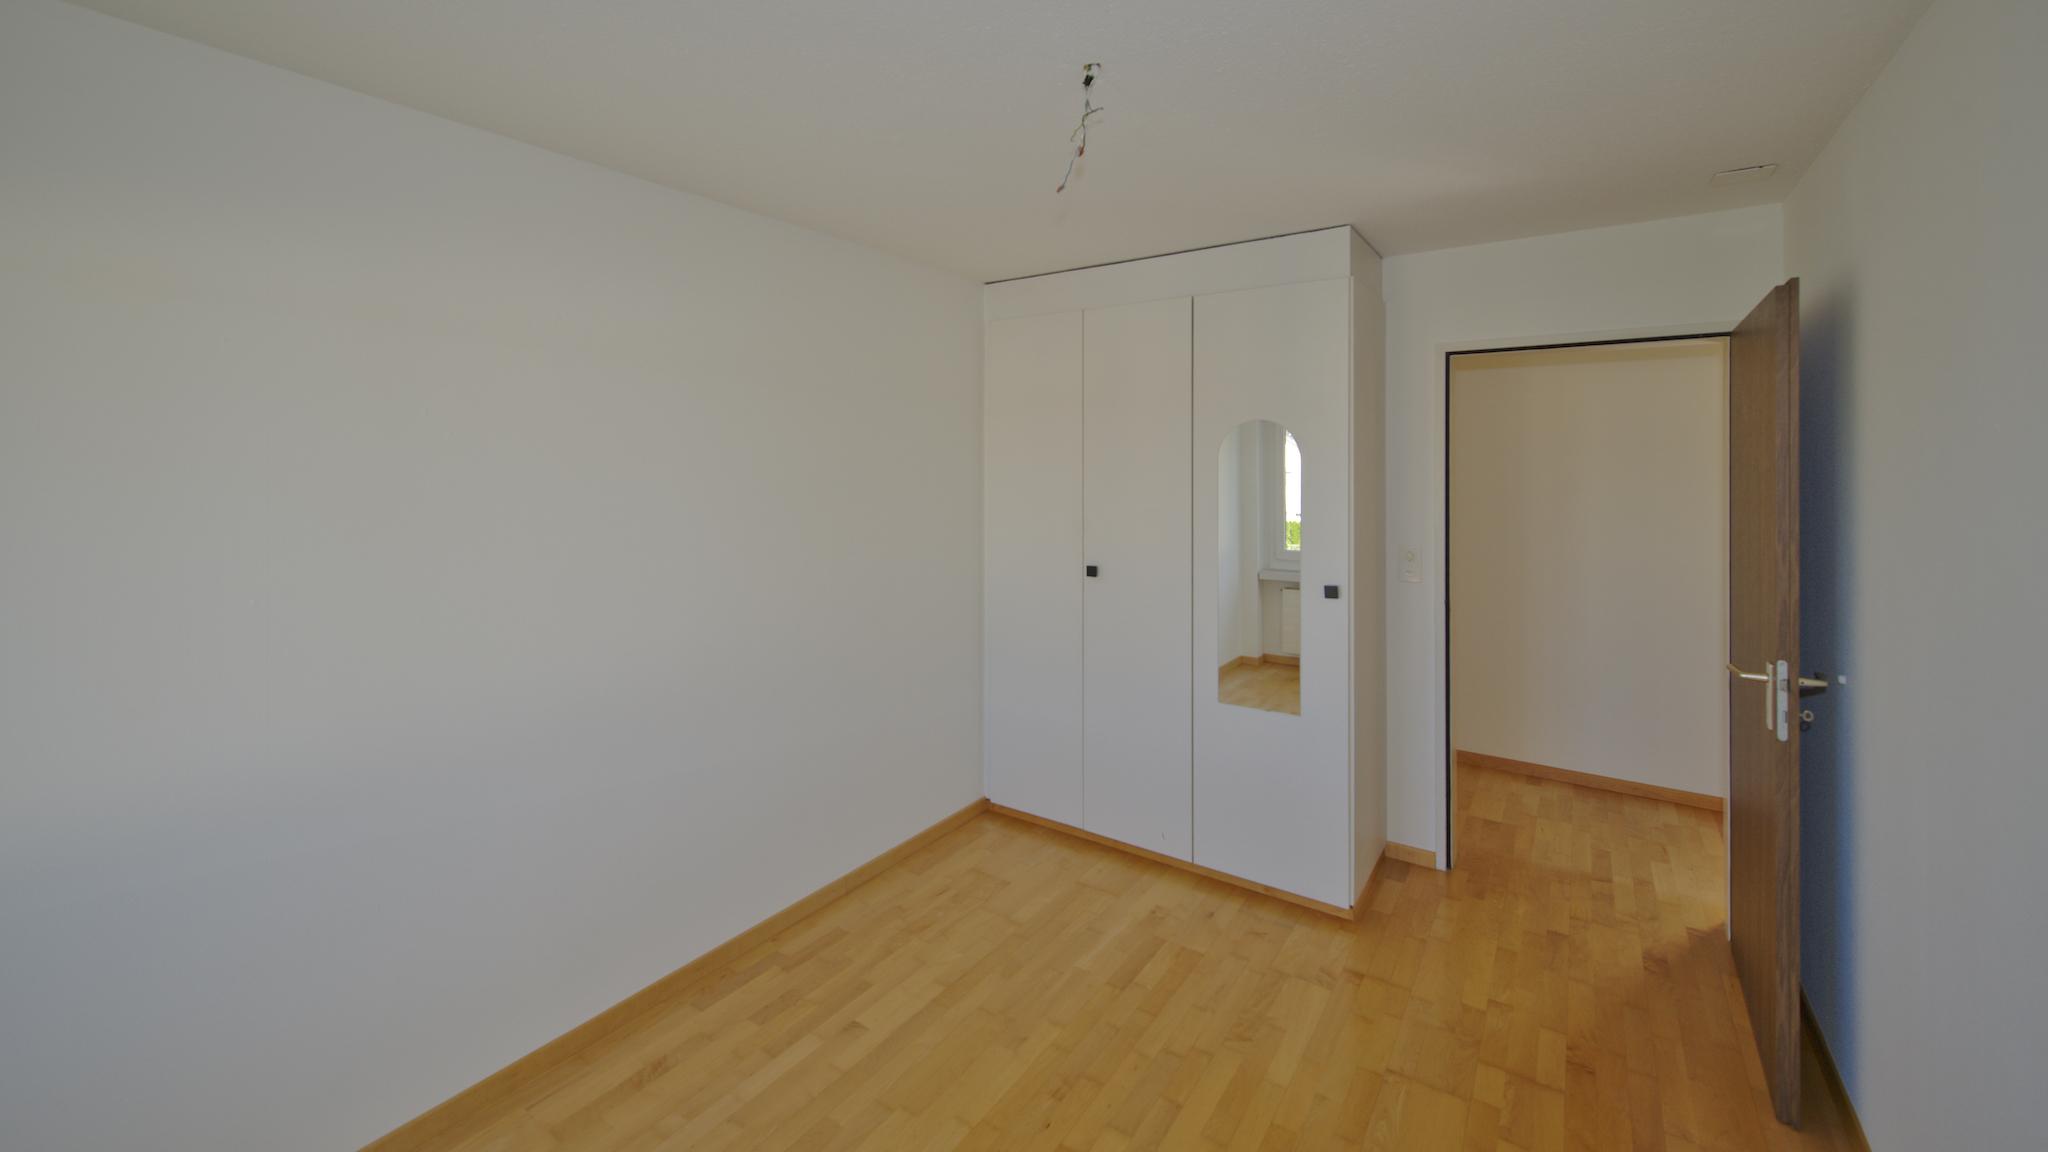 Zimmer rechts mit dem Einbauschrank